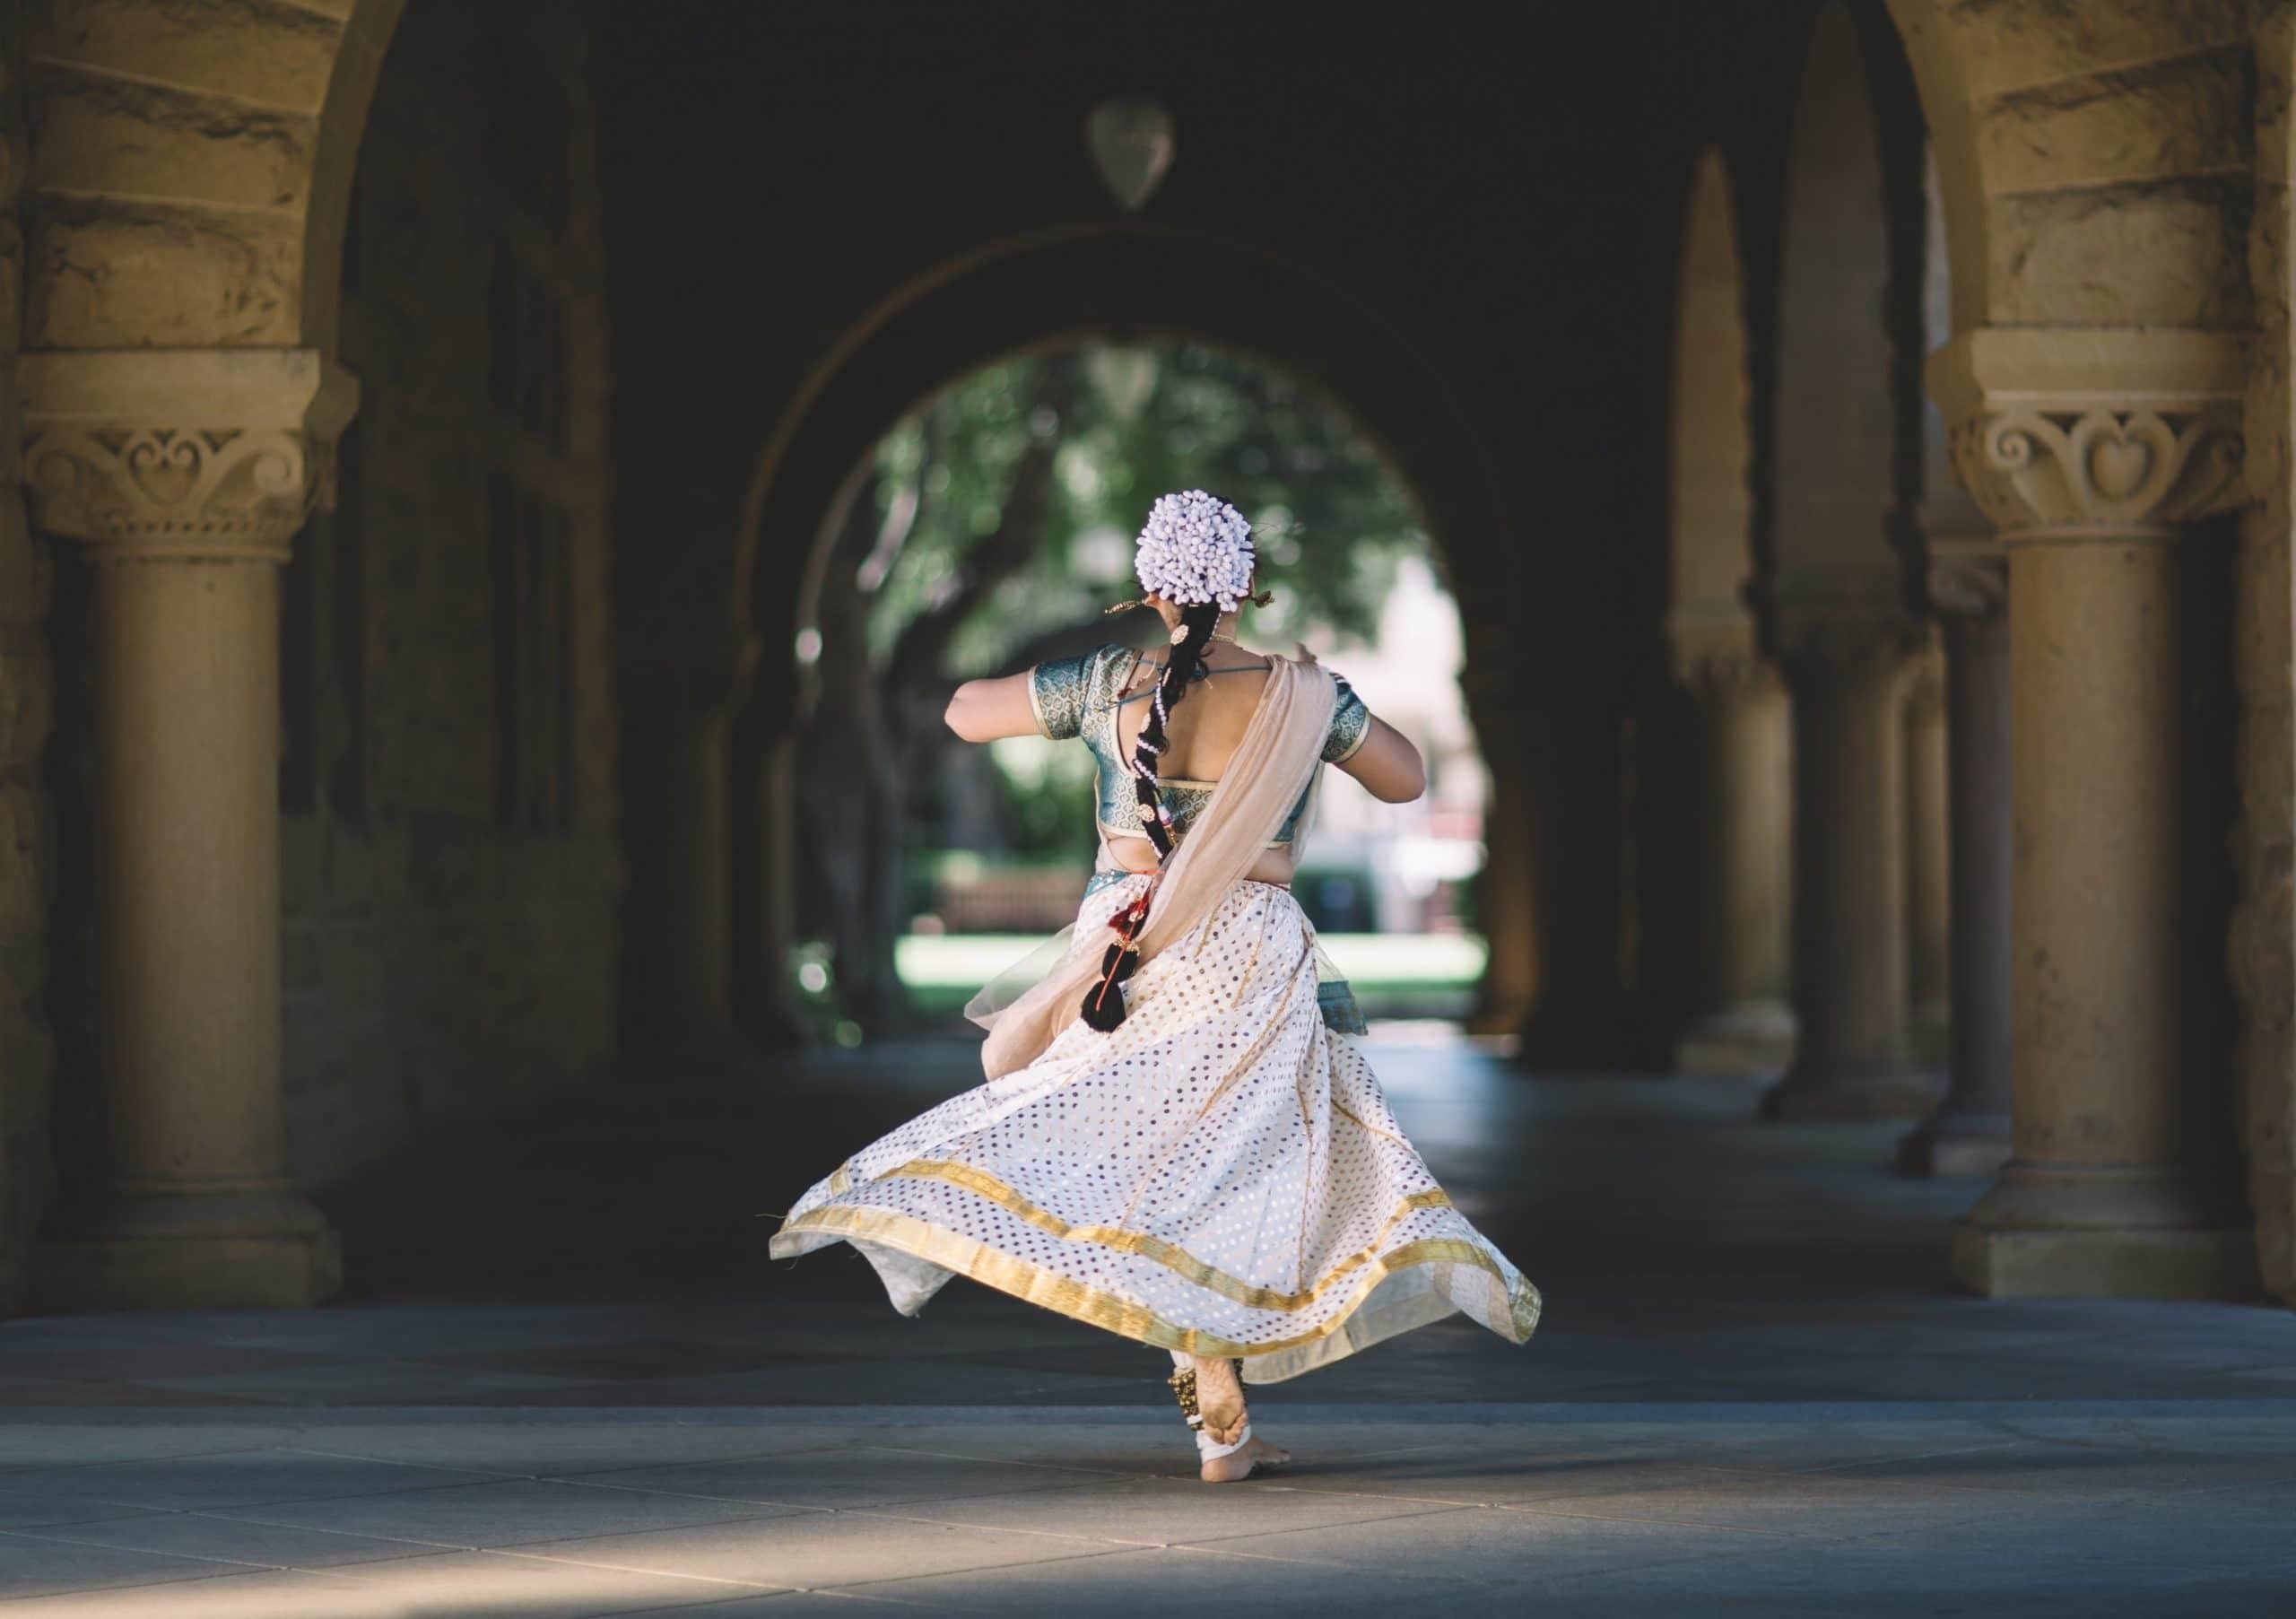 Mulher dançando em túnel